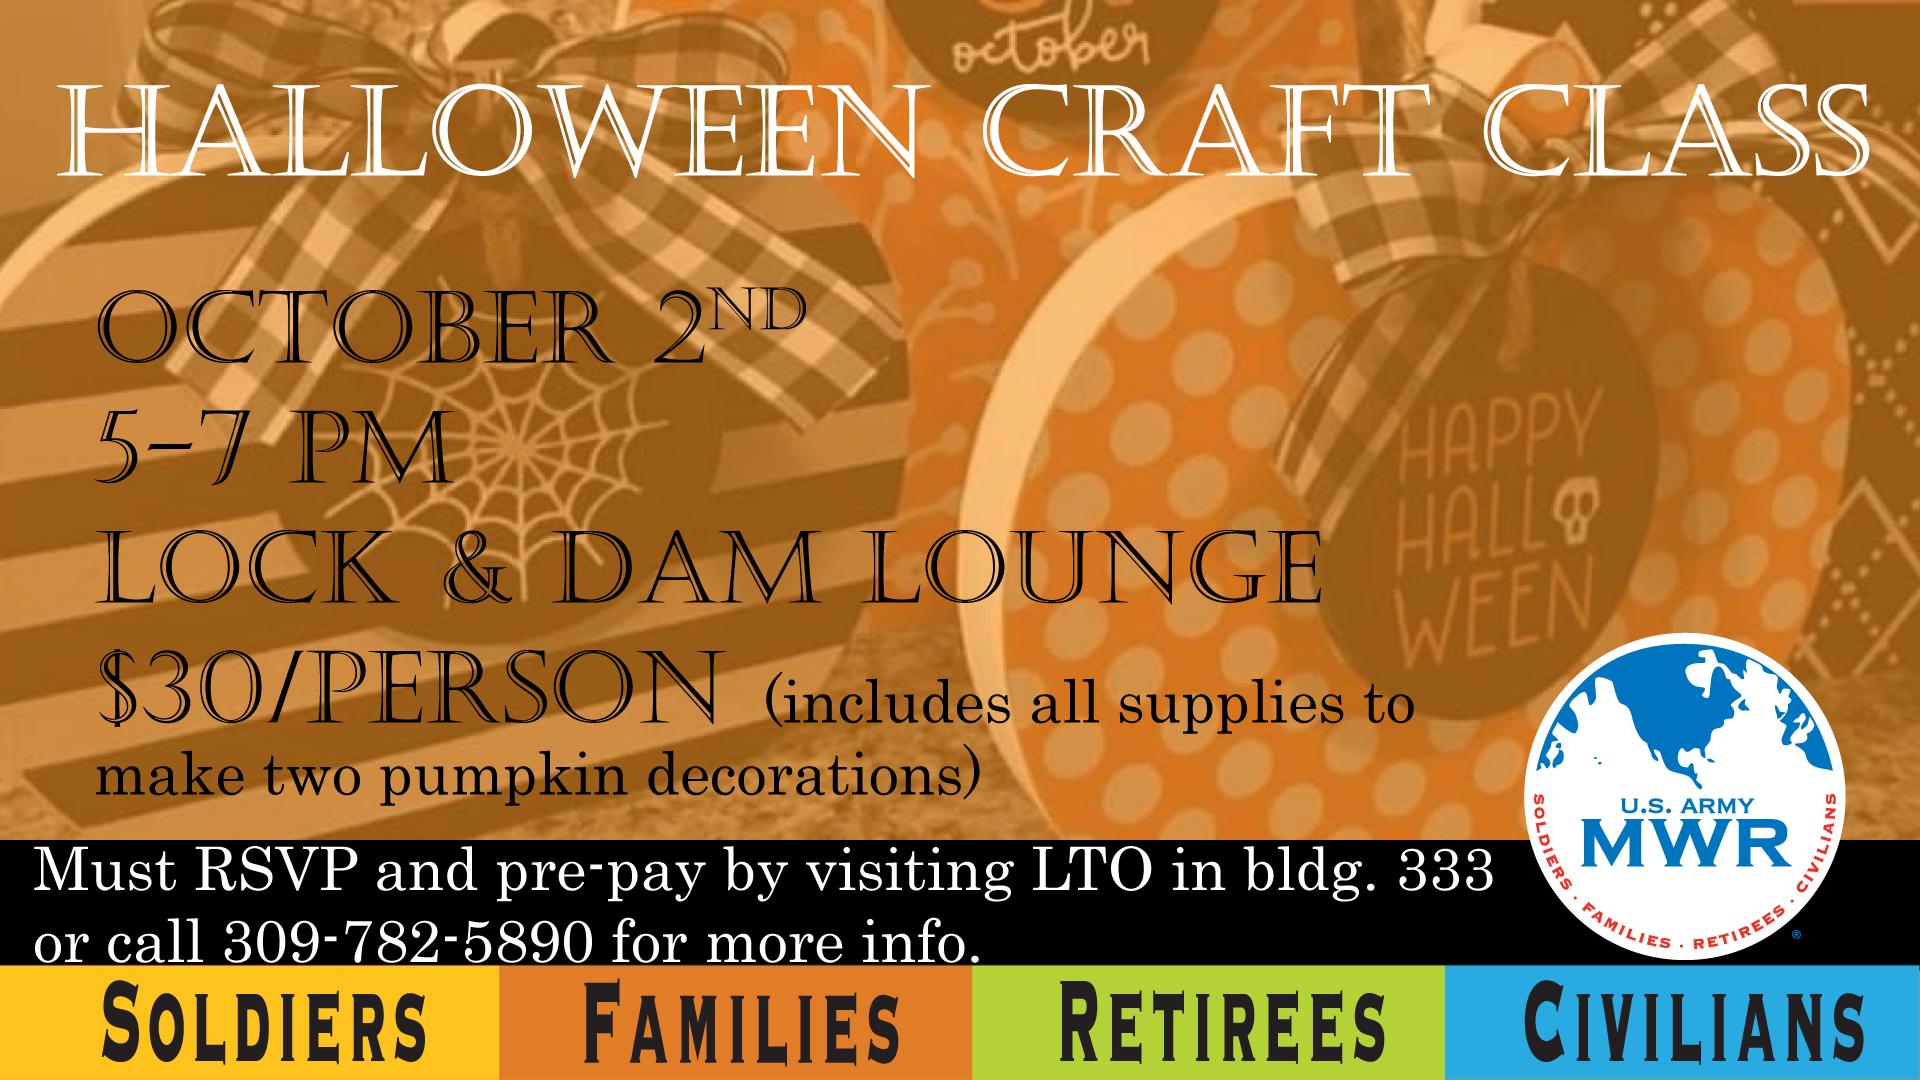 Halloween Craft Class